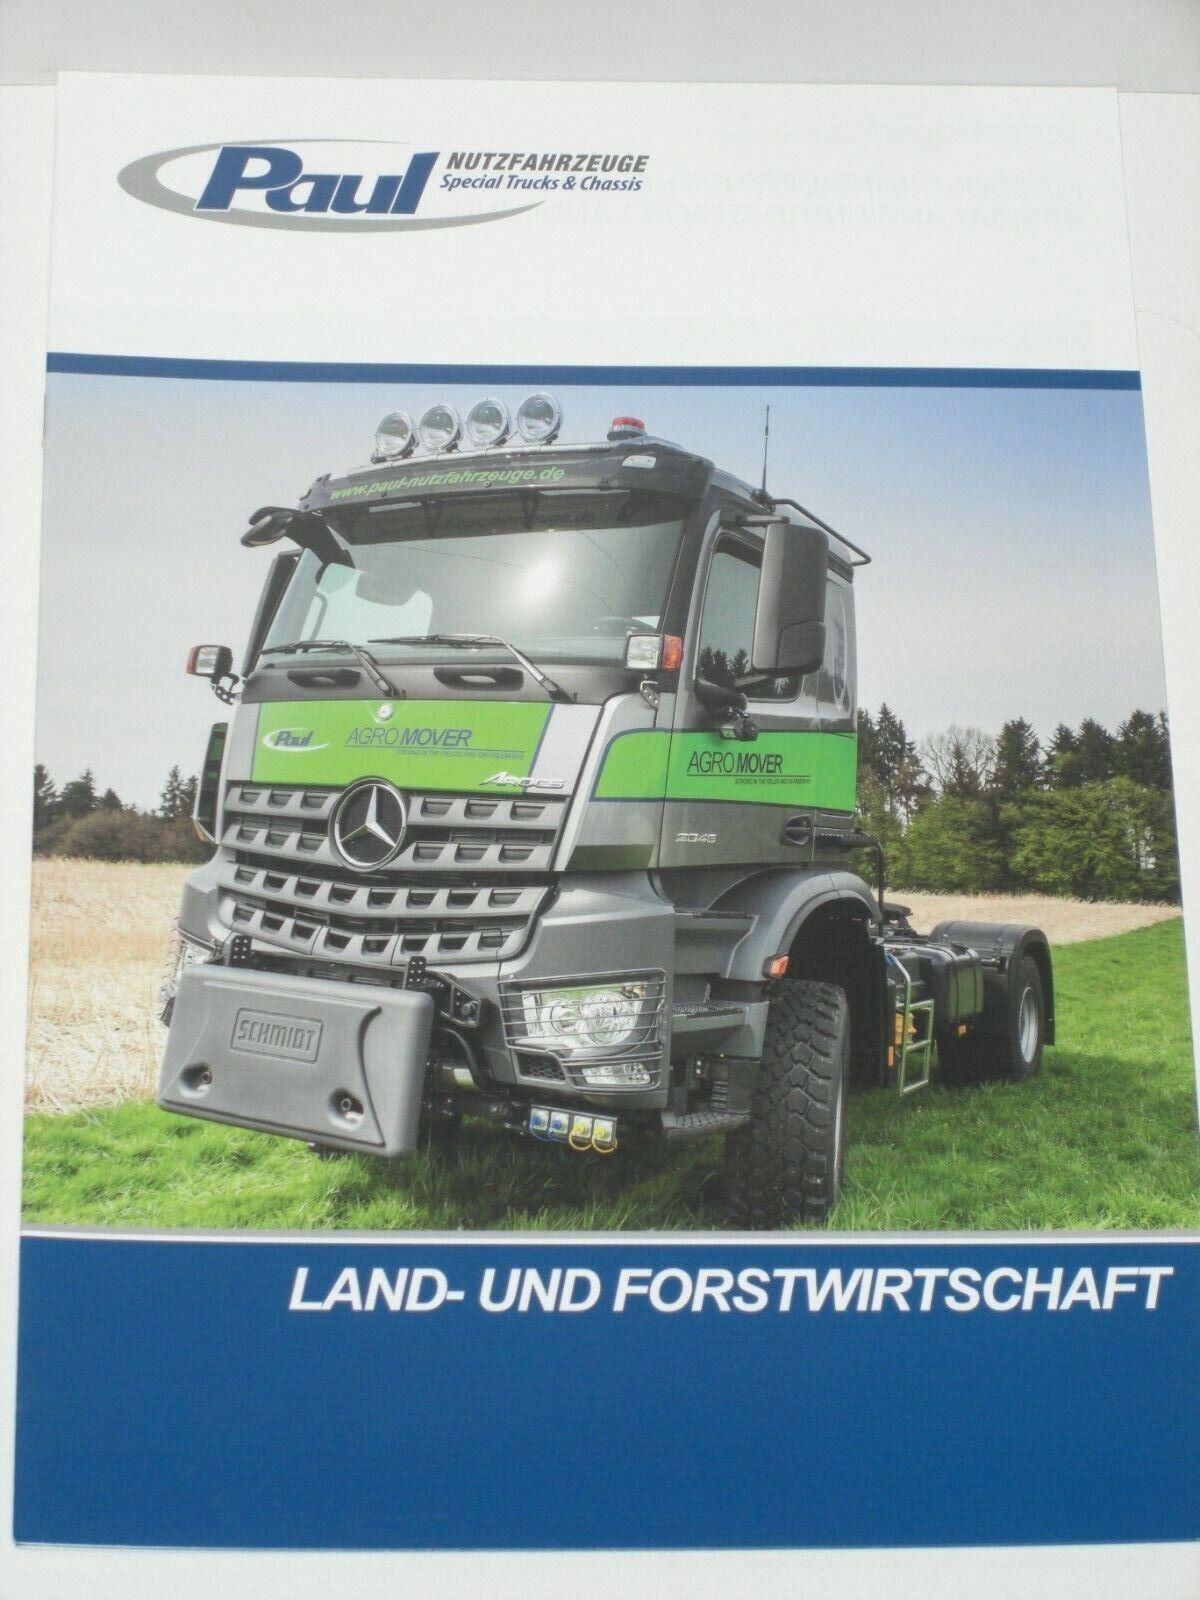 2051 AS 4x4 Agrotruck Prospekte PAUL AGROMOVER TRAKKER 4x4 381